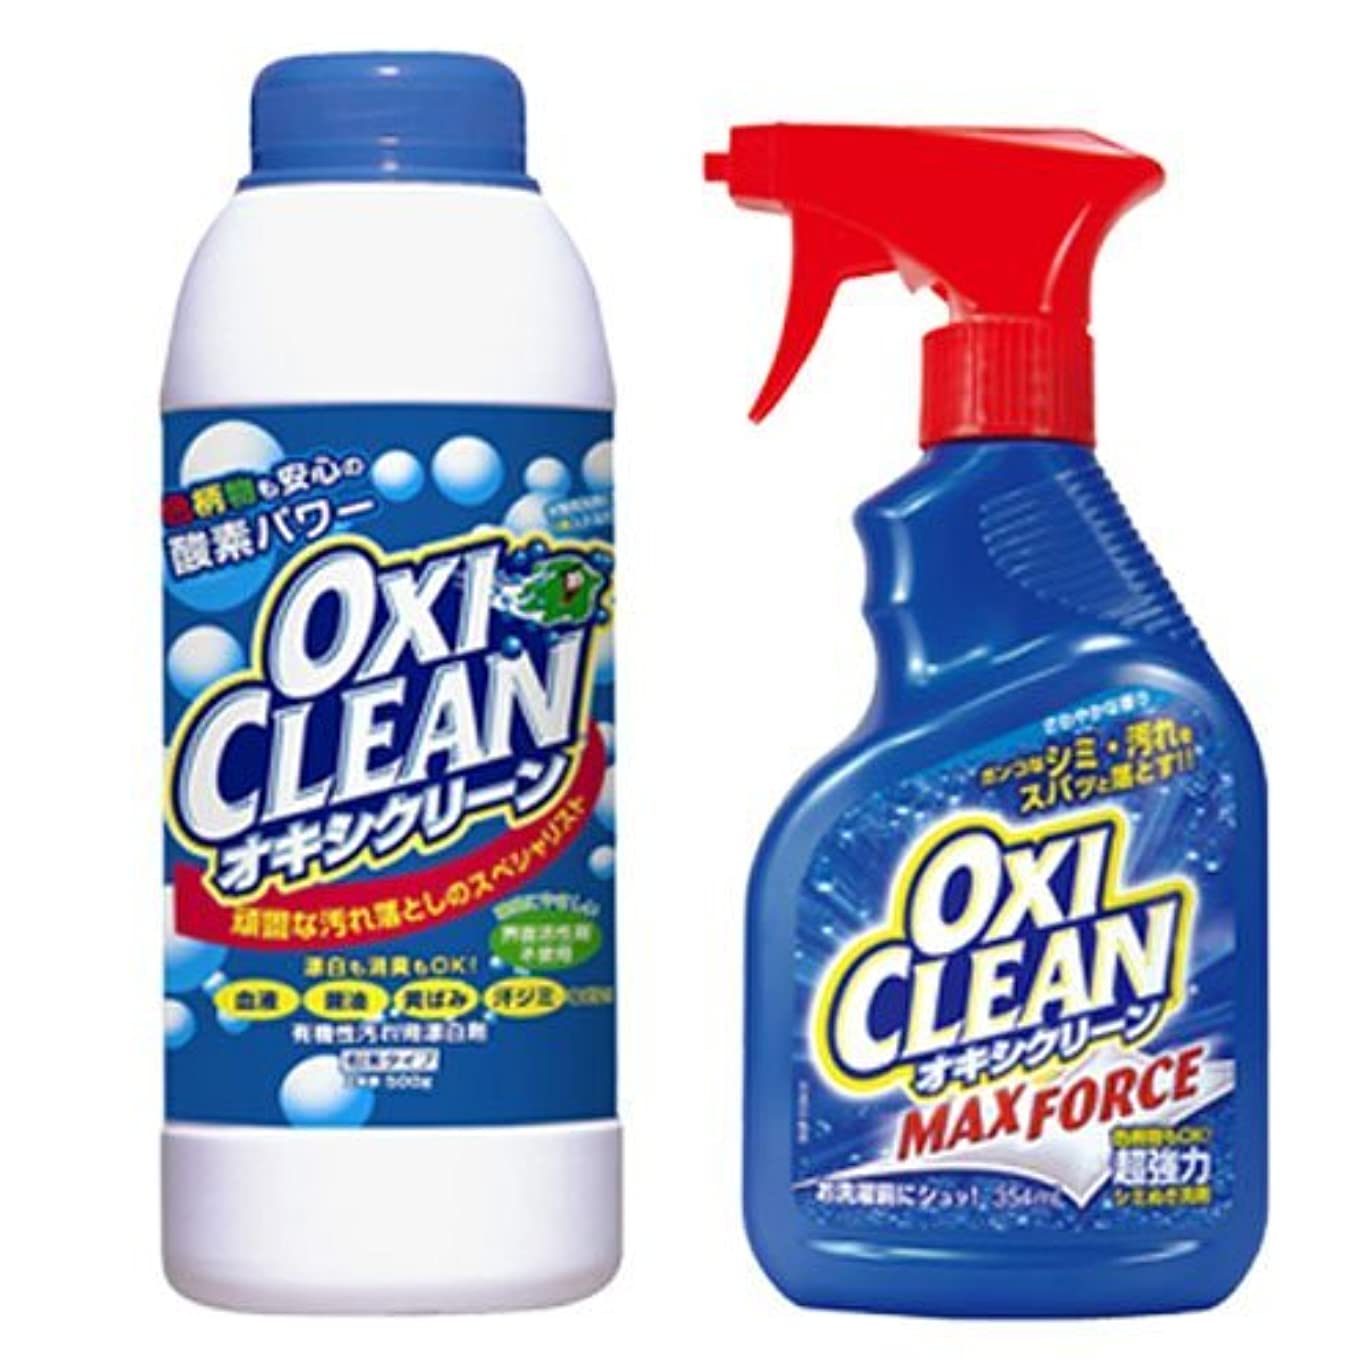 カプラー辞任するキネマティクスOXI CLEAN オキシクリーン 500g+オキシクリーン マックスフォース 354mL